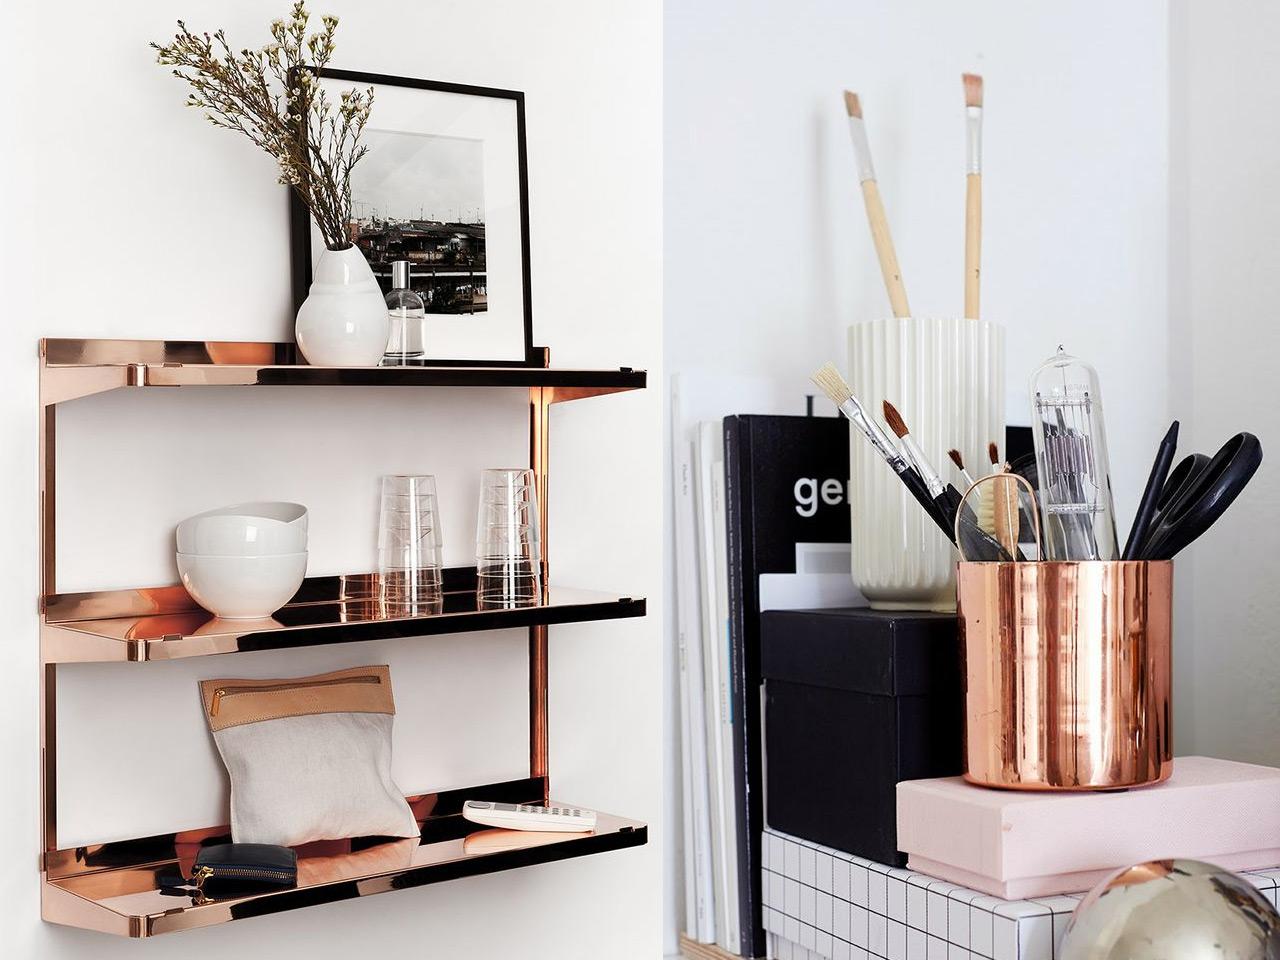 14 combinaciones impactantes de decoraci n con cobre